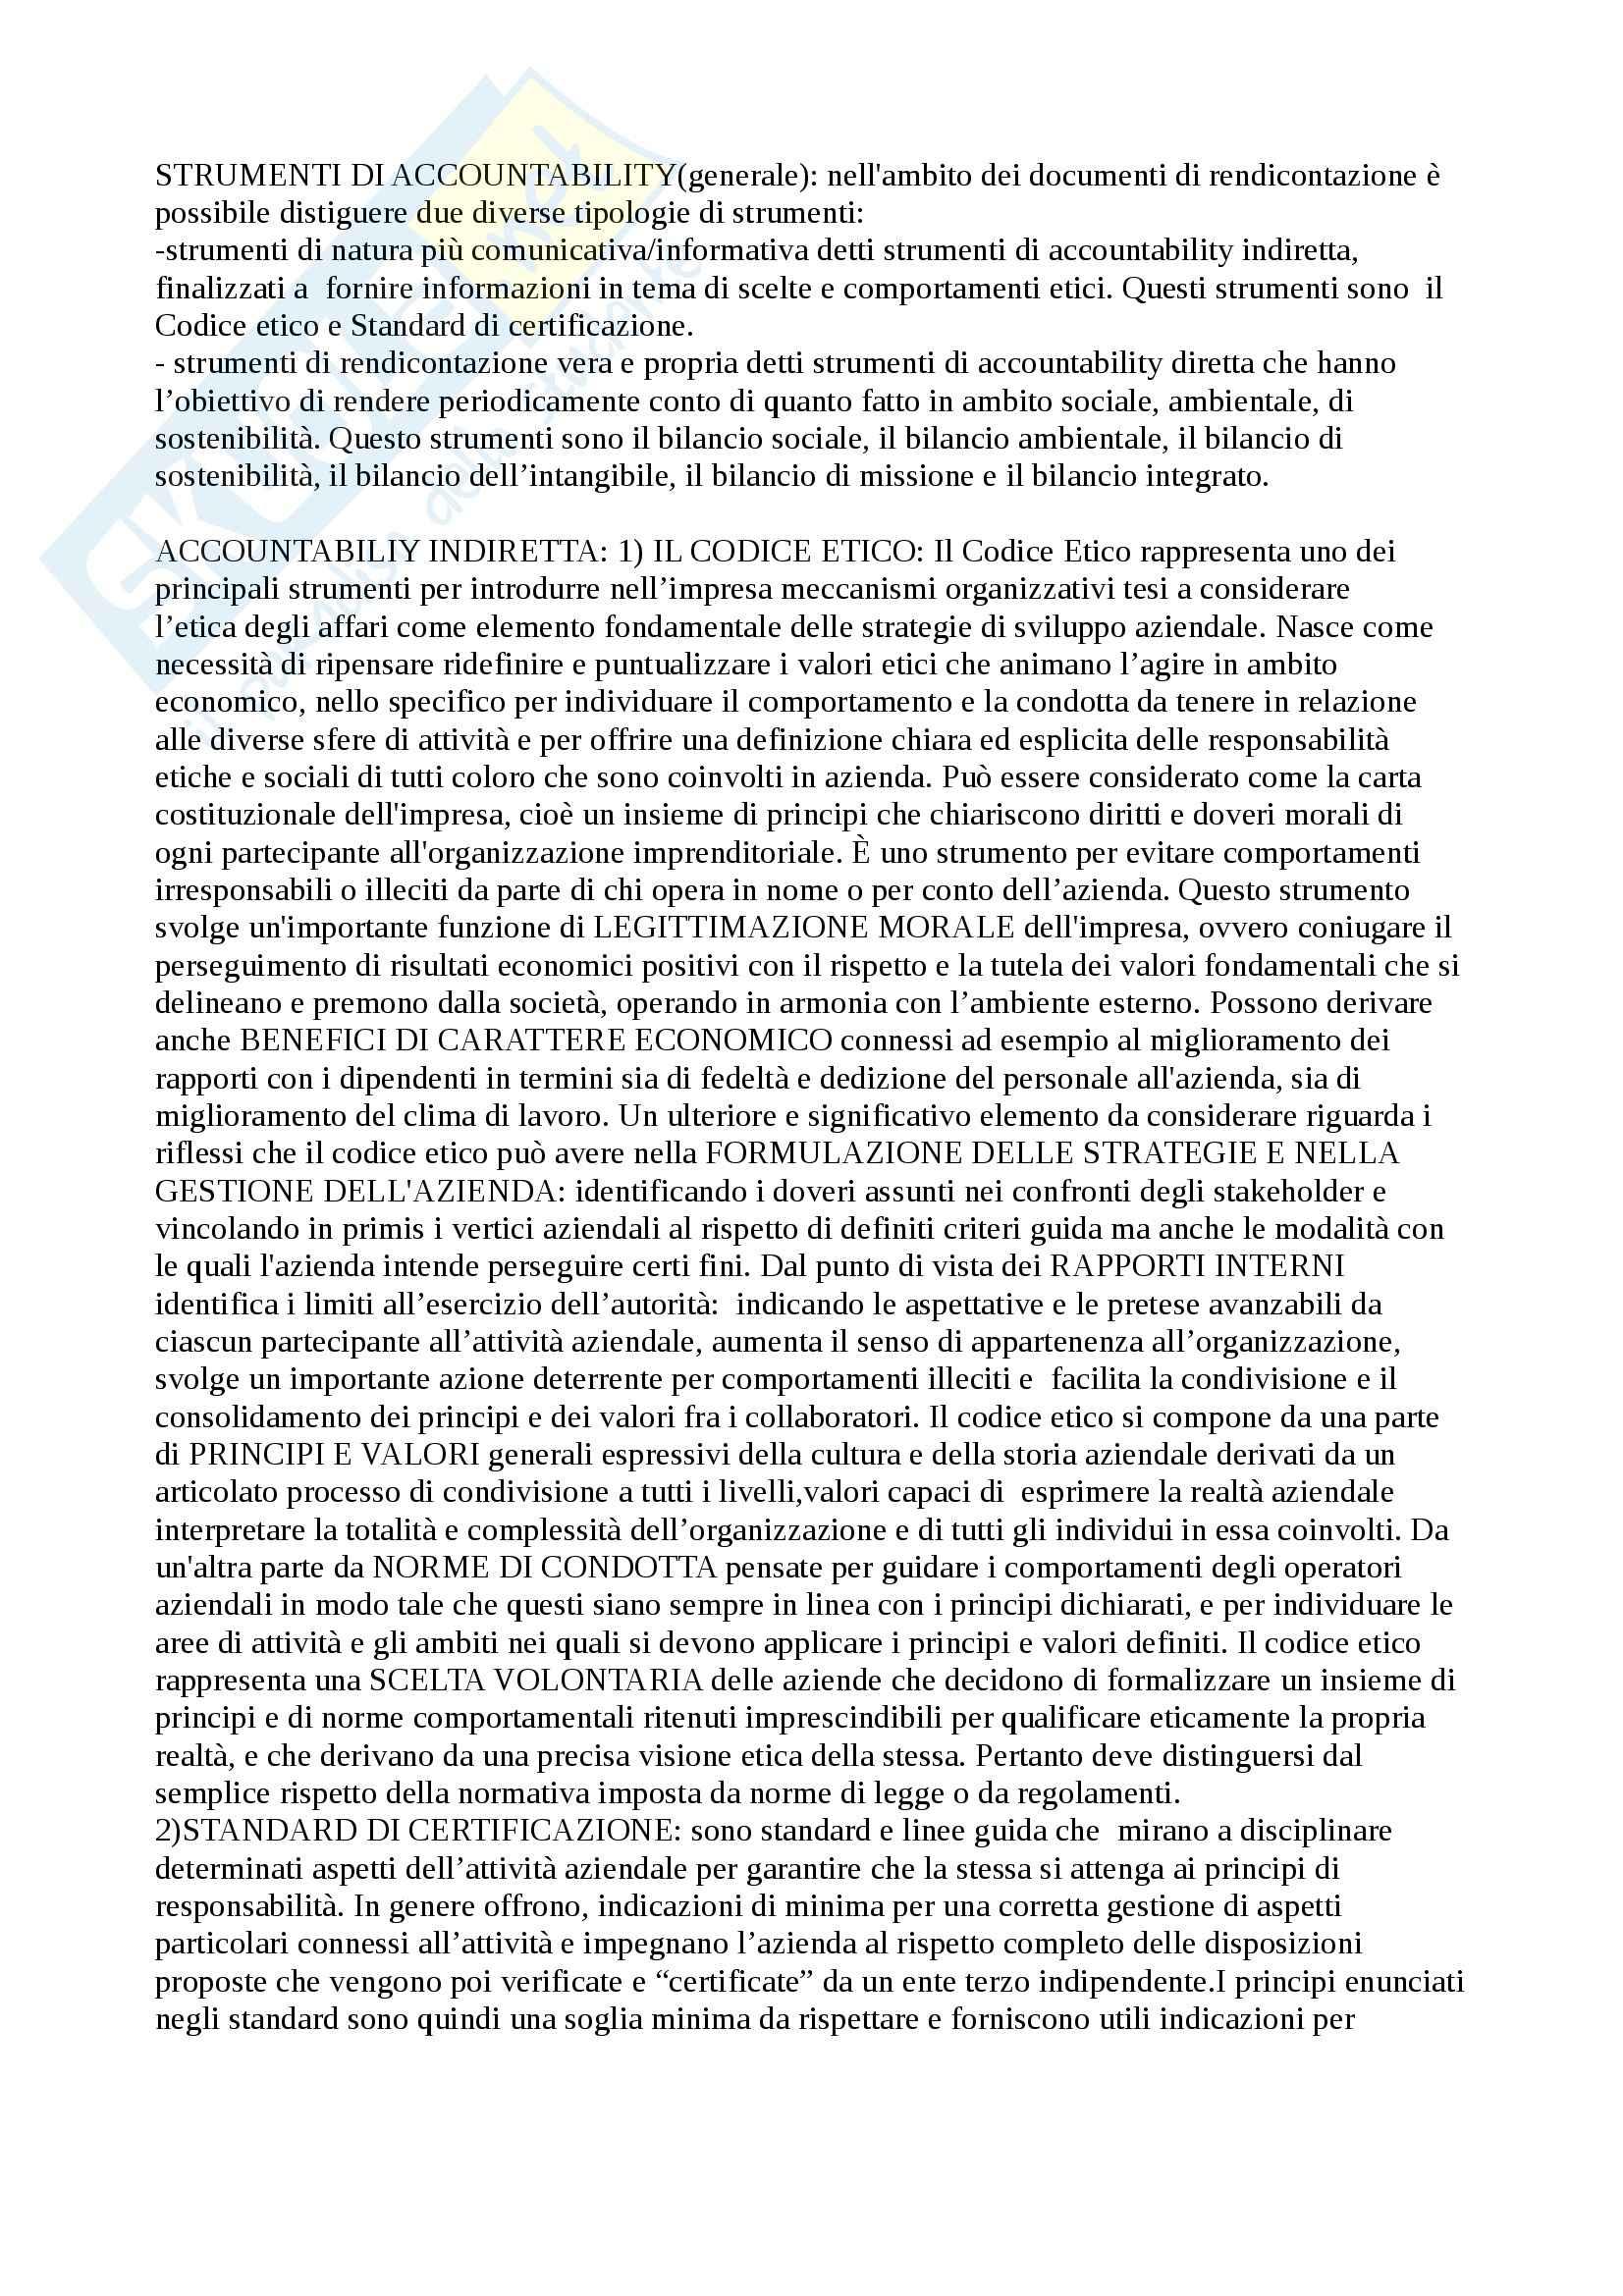 Riassunto esame responsabilita sociale d'impresa, prof. Furlotti, libro consigliato Strumenti e processi di comunicazione della responsabilità sociale d'impresa, Furlotti Pag. 16